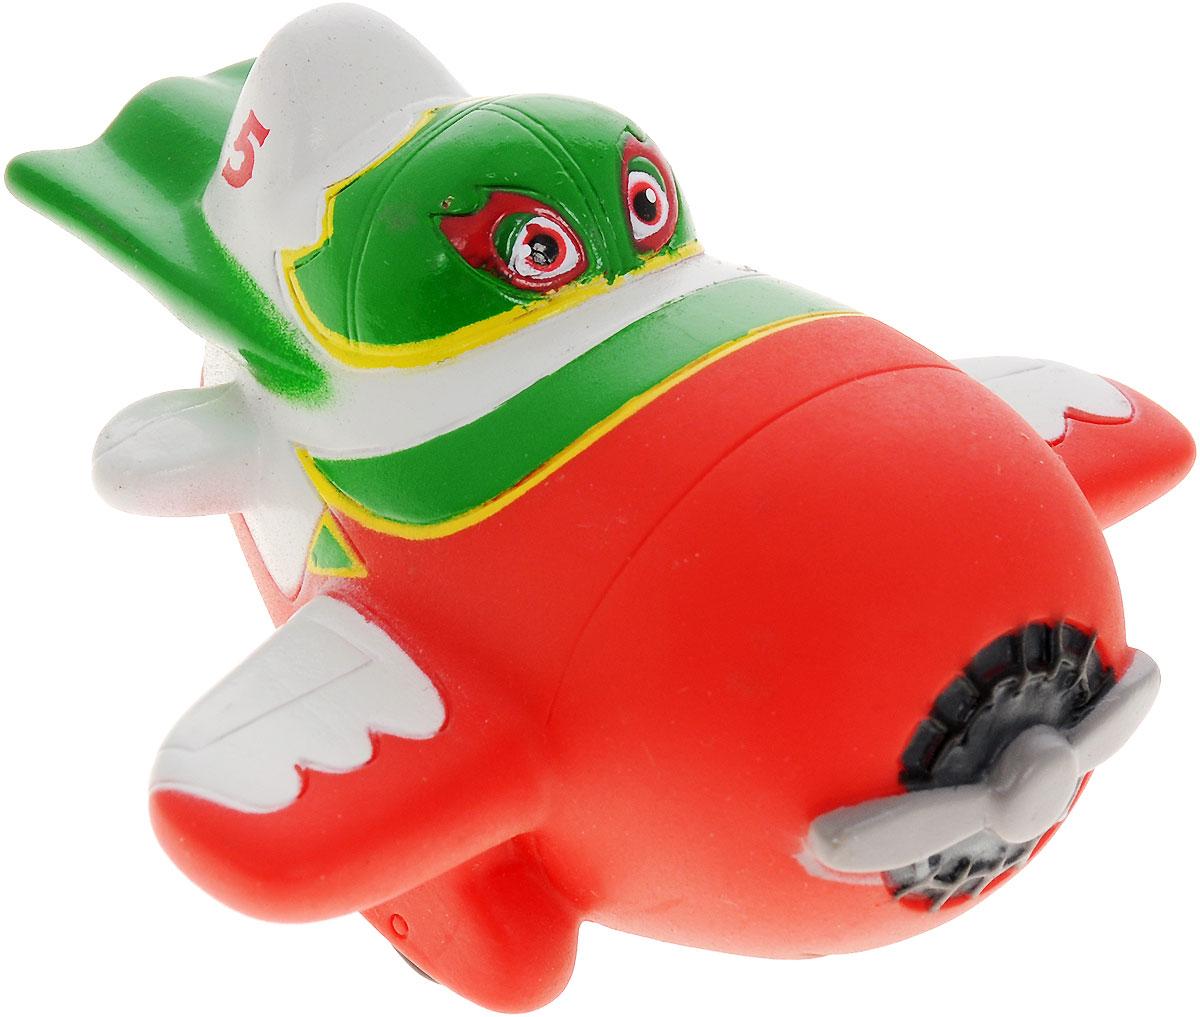 Самолеты Игрушка для ванны Эль ЧупакабраGT7808_зеленыйИгрушка для ванны Самолеты Эль Чупакабра станет замечательным подарком для вашего ребенка, особенно если он является поклонником популярного мультфильма Самолеты (Planes). Если нажать на нижнюю часть игрушки, Эль Чупакабра будет подсвечиваться. Игрушка порадует малыша и превратит купание в удовольствие, а игра с ним поможет развить мелкую моторику рук, воображение, цветовосприятие и концентрацию внимания. Порадуйте своего ребенка такой удивительной игрушкой!